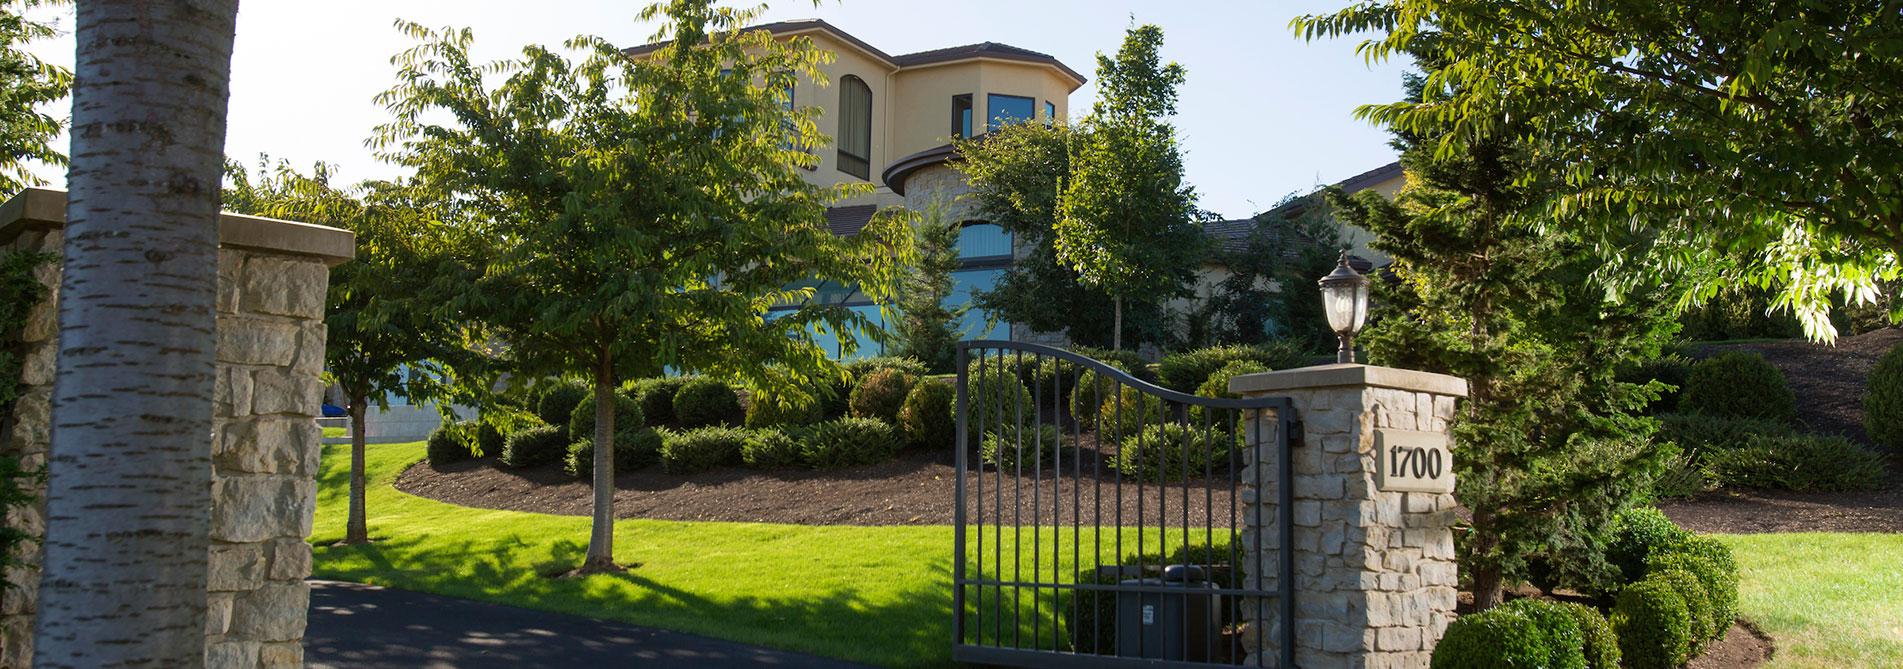 Slide 9 – Carey Estate Residential Landscaping